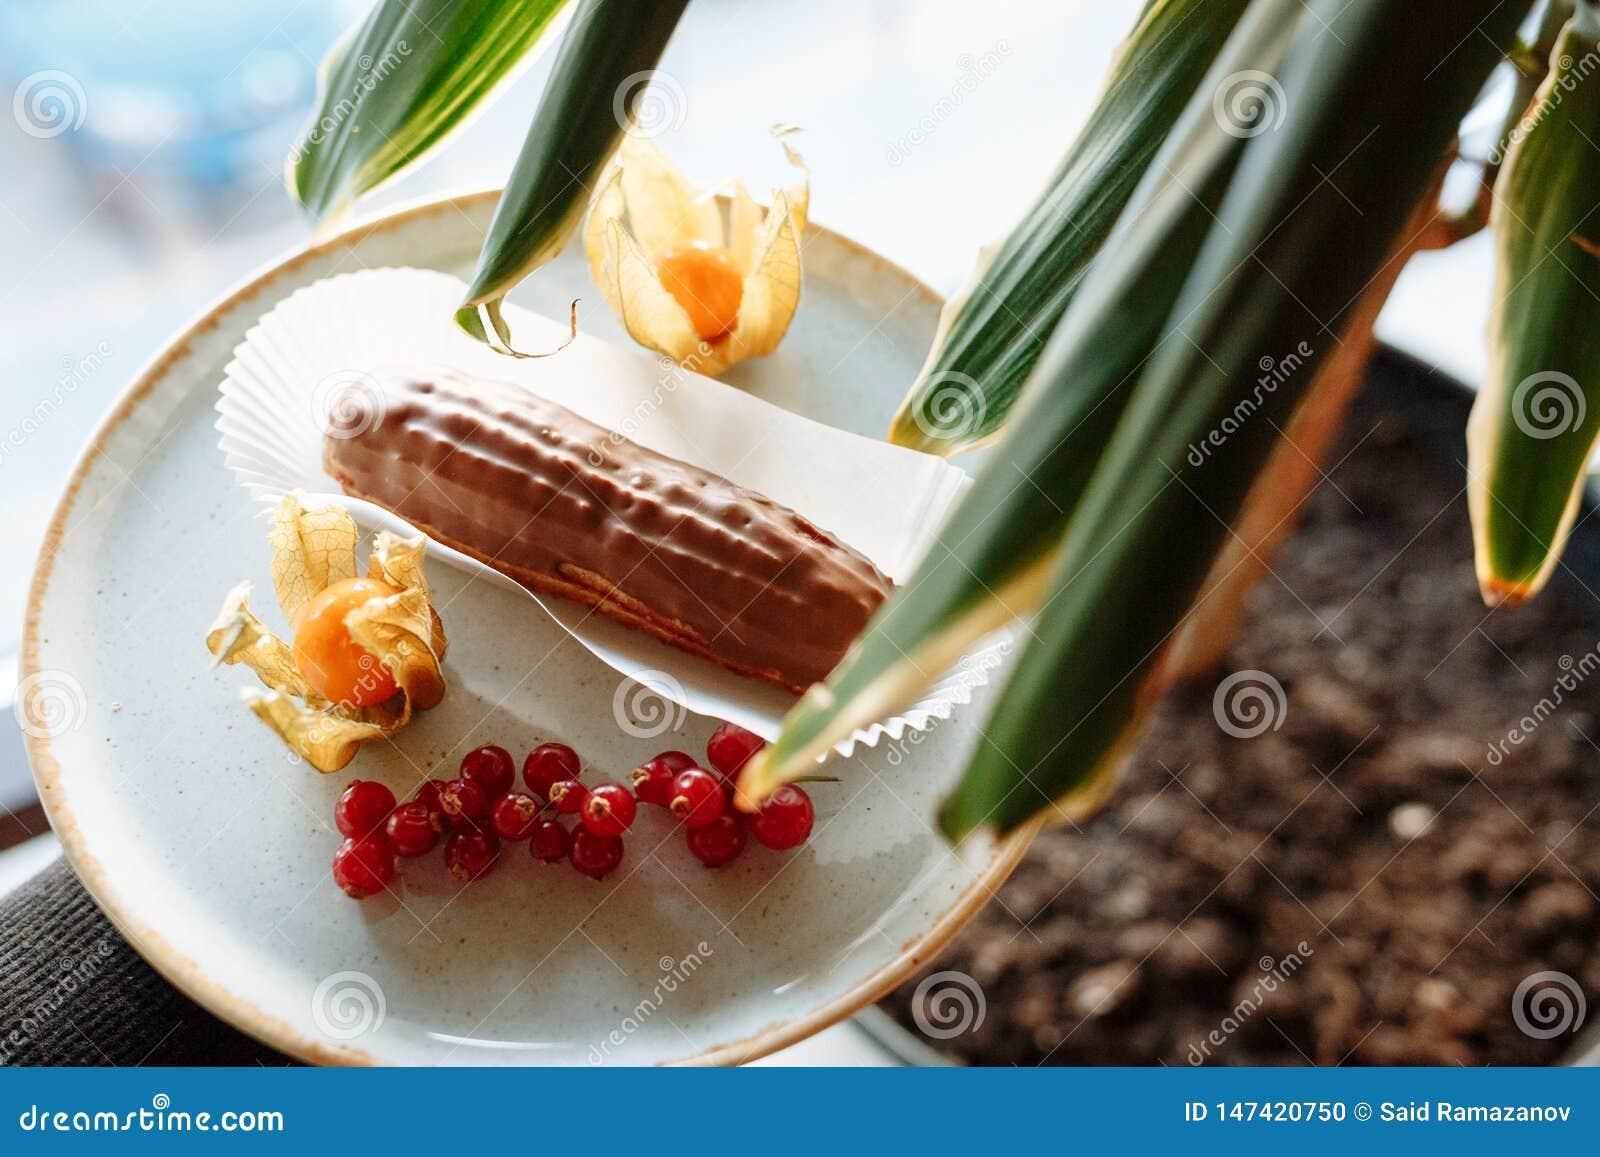 Κέικ ECLAIR σε ένα πιάτο που διακοσμούνται με τα εσπεριδοειδή και τα μούρα και τα φύλλα ενός houseplant στο πρώτο πλάνο